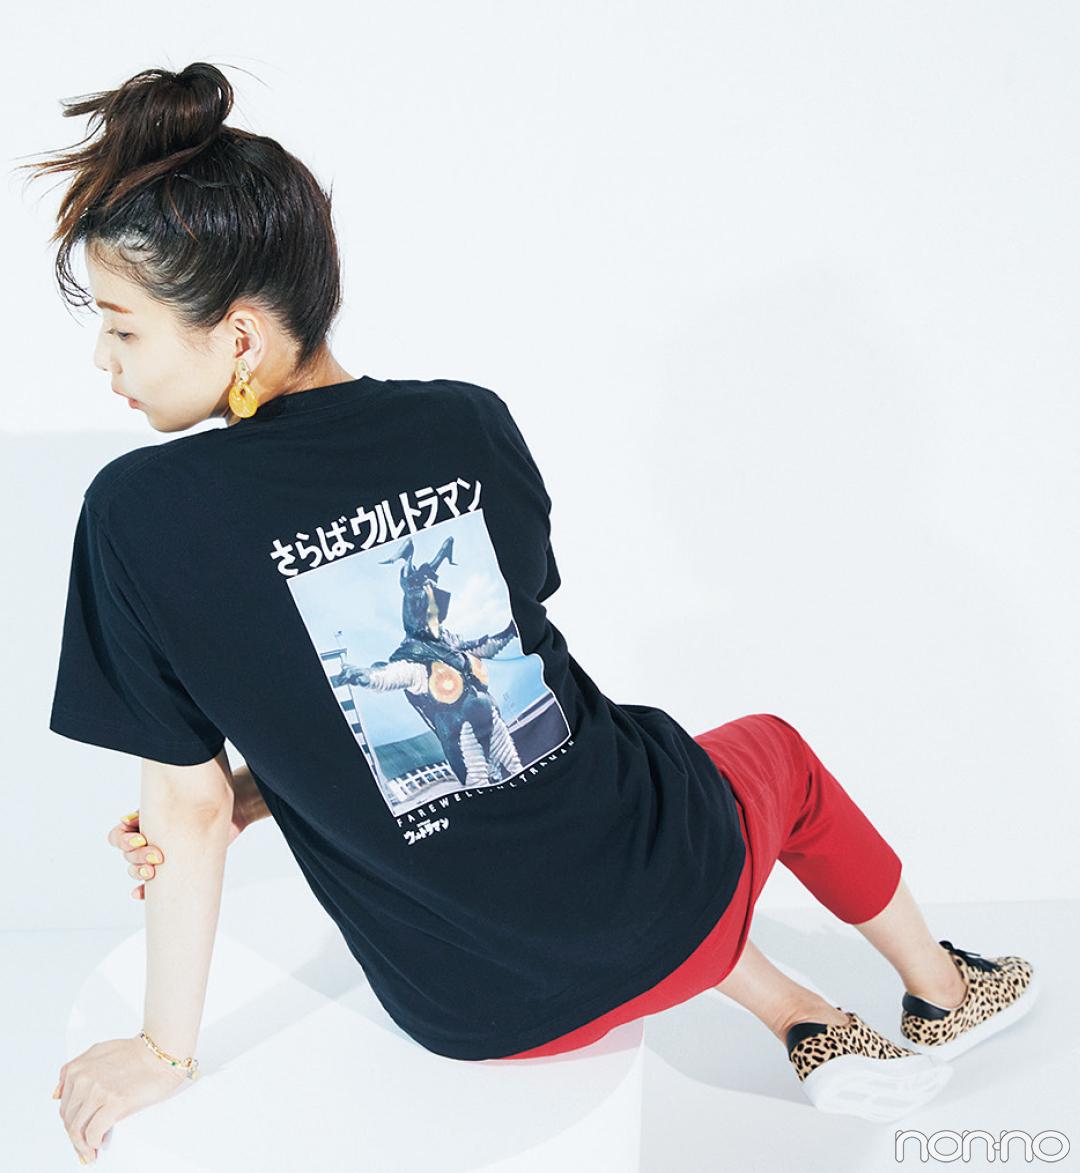 Photo Gallery 渡邉理佐の毎日Tシャツコーデ フォトギャラリー_1_21